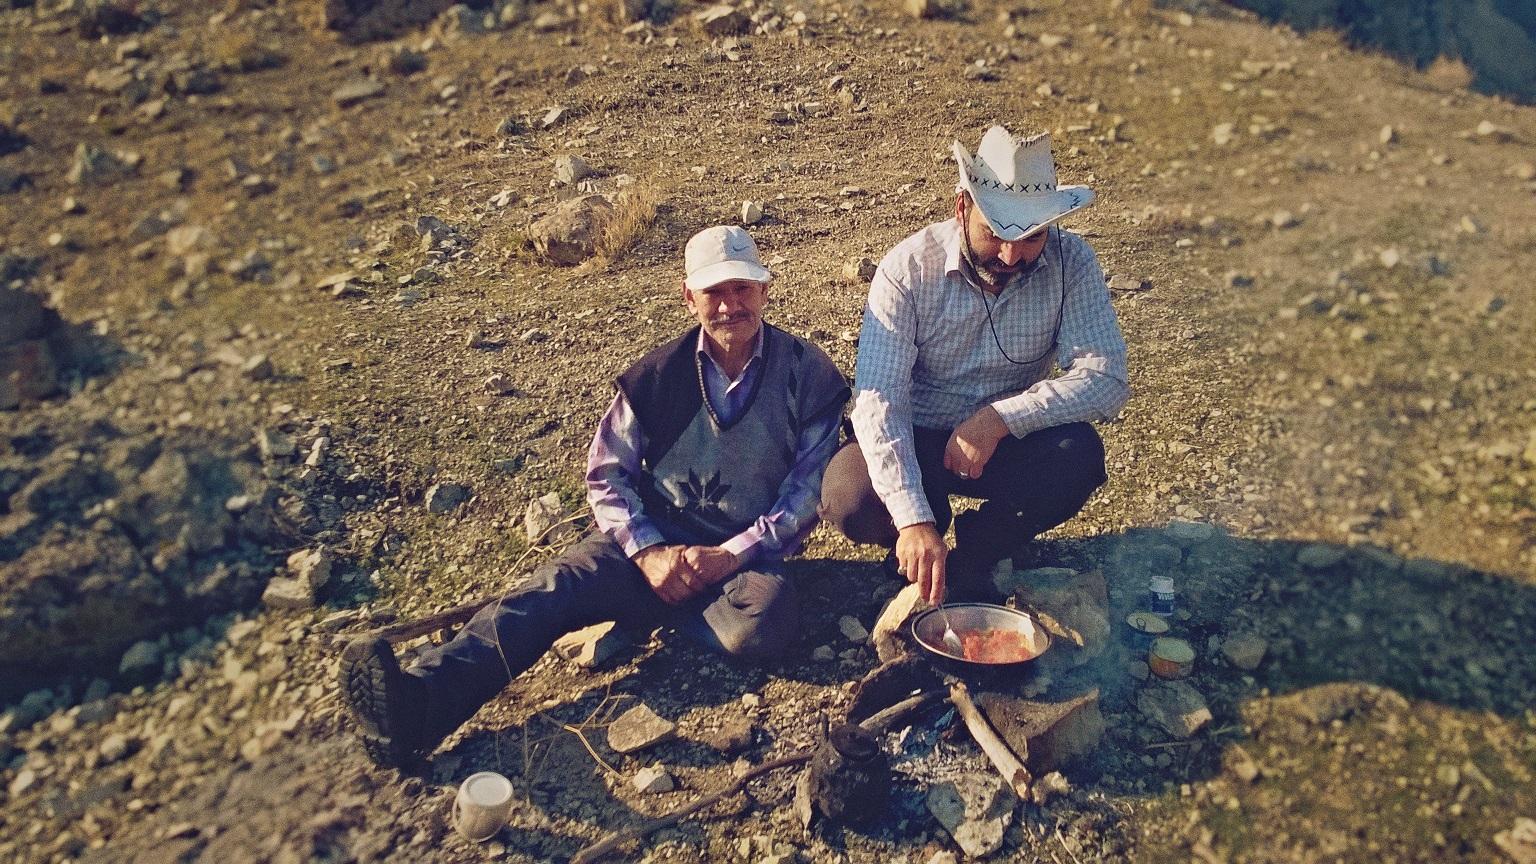 Iranilaiset miehet lämmittelemässä lounasta Alborzin vuoristossa. Kuva: Harri Toikkanen